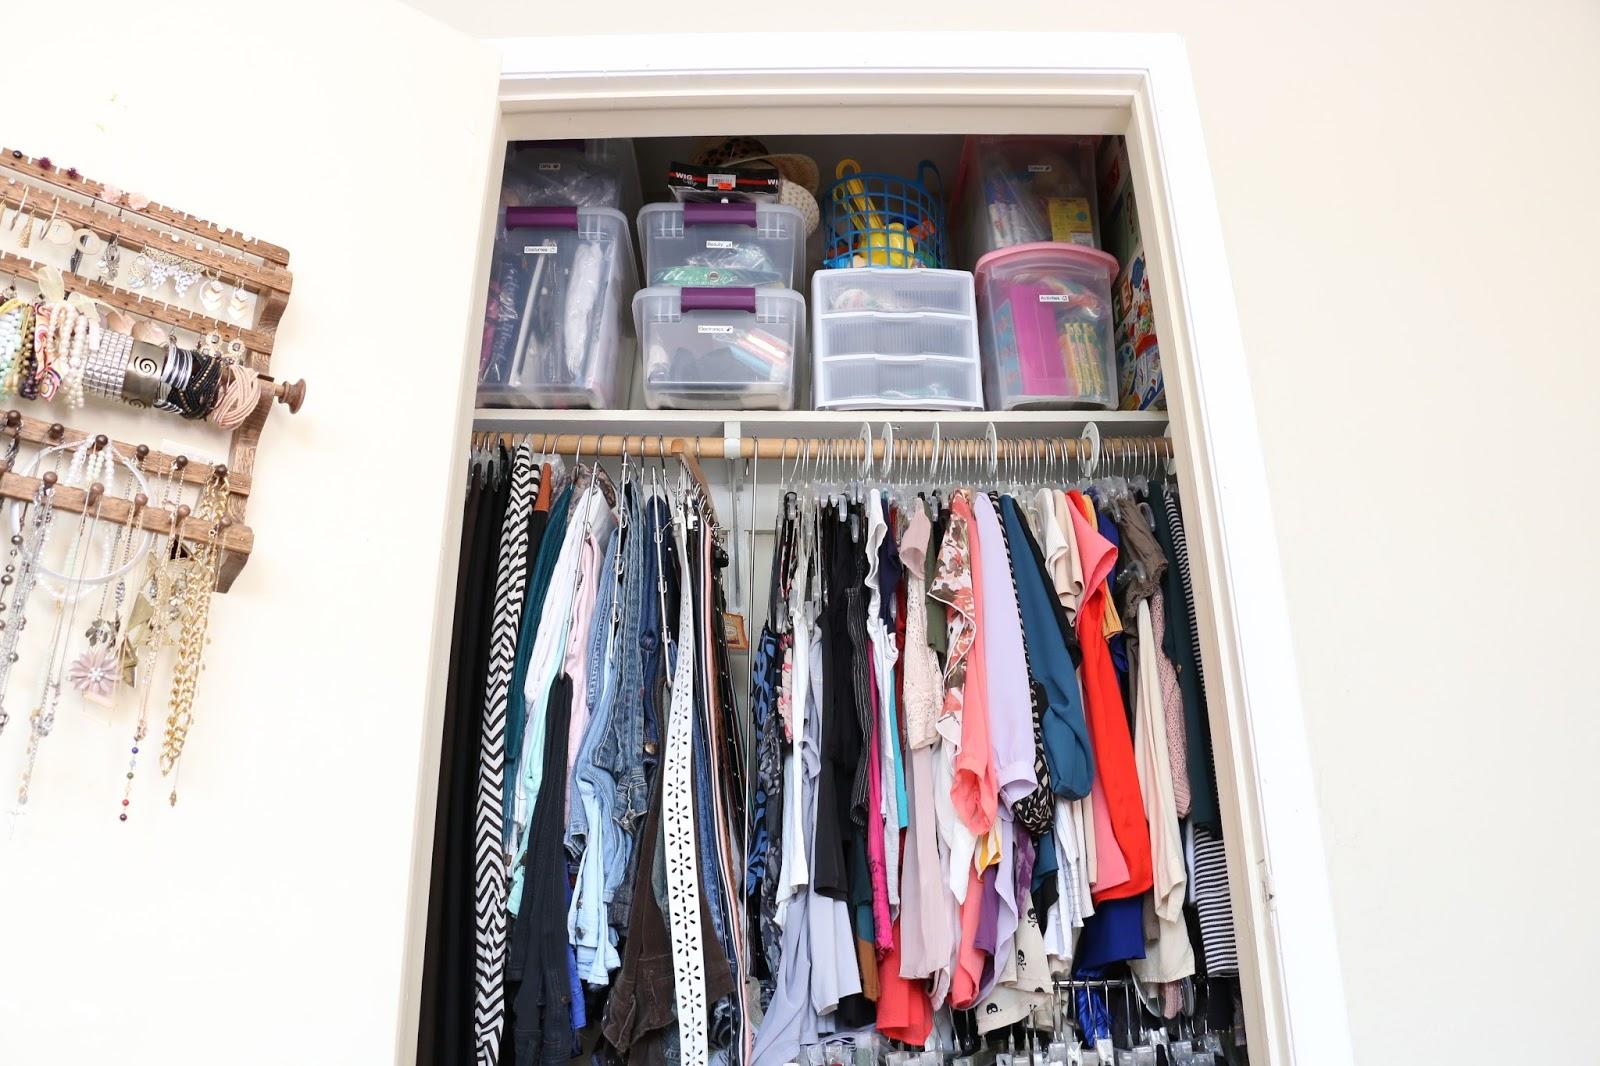 closetmaid feet de blanco hogar com shelftrack closet y dp mx organizador amazon a cocina